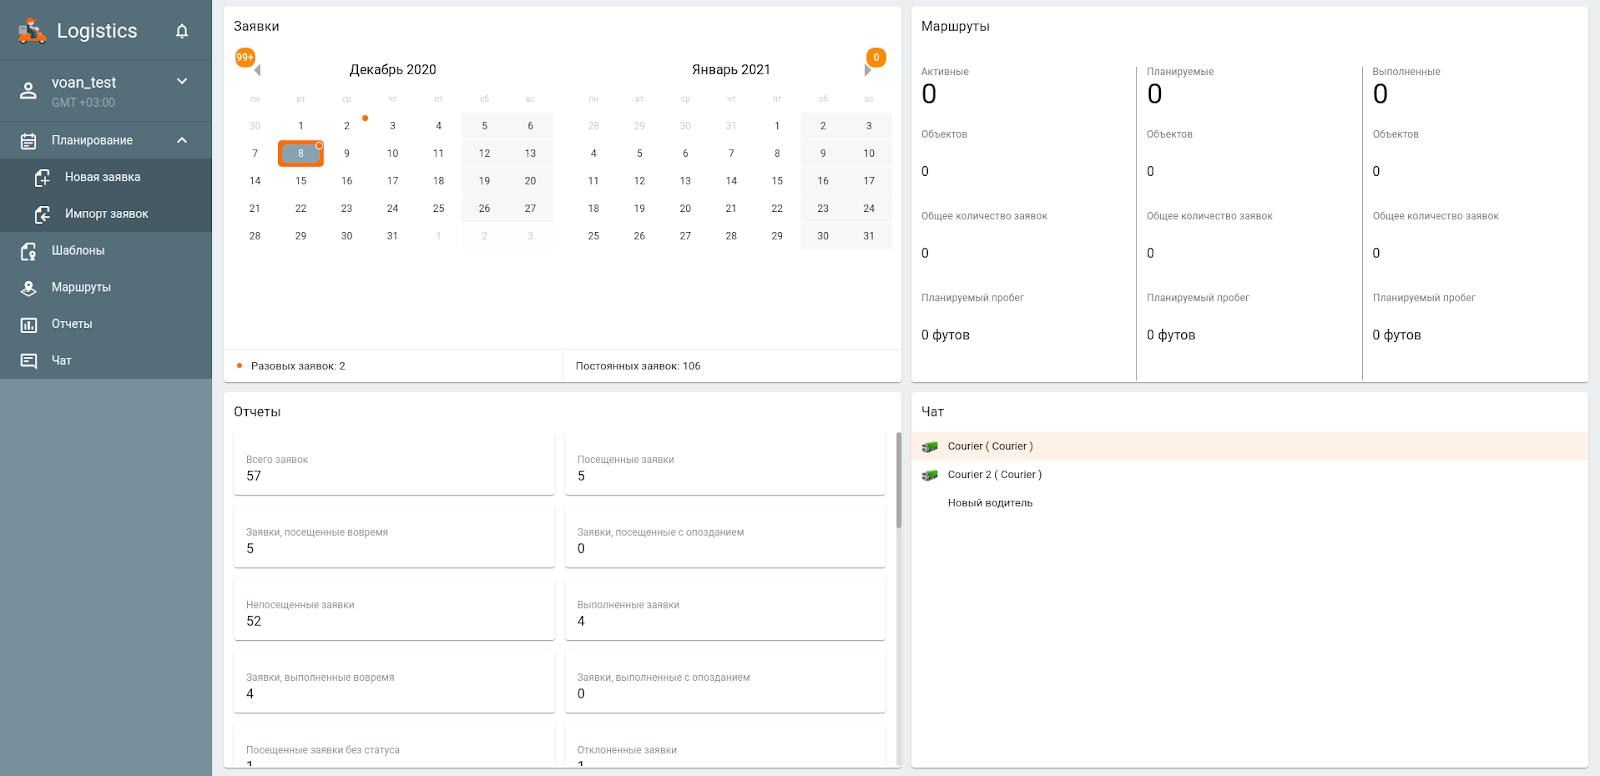 Обновление интерфейса - календарь